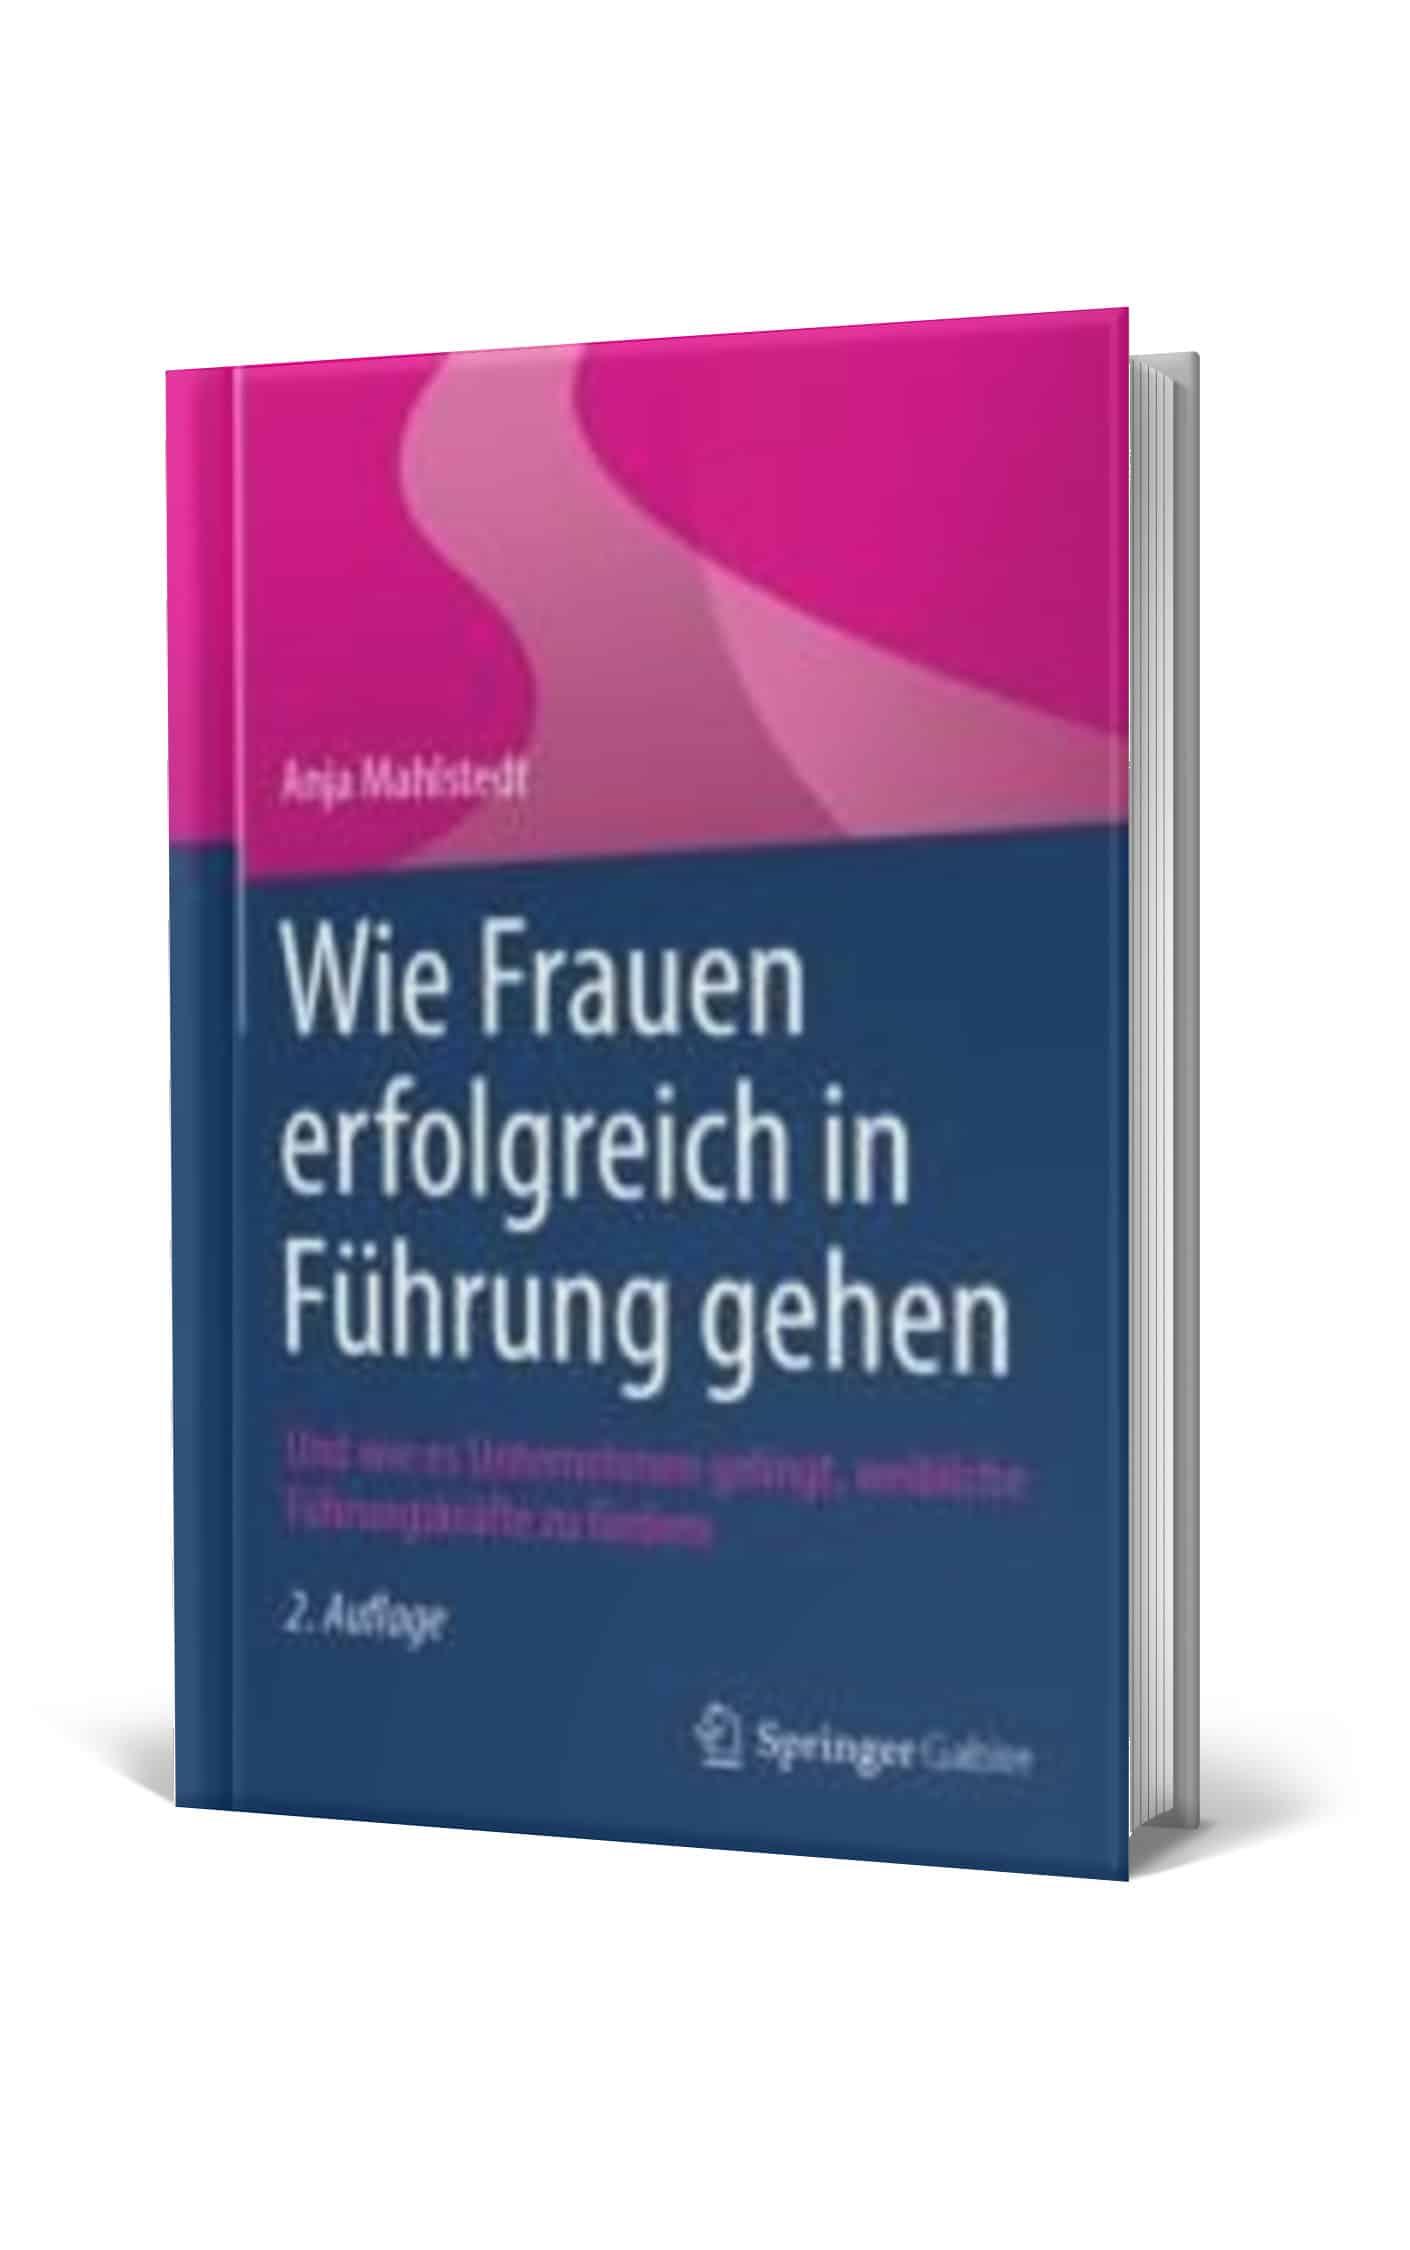 Buchcover 'Wie Frauen erfolgreich in Führung gehen' Anja Mahlstedt